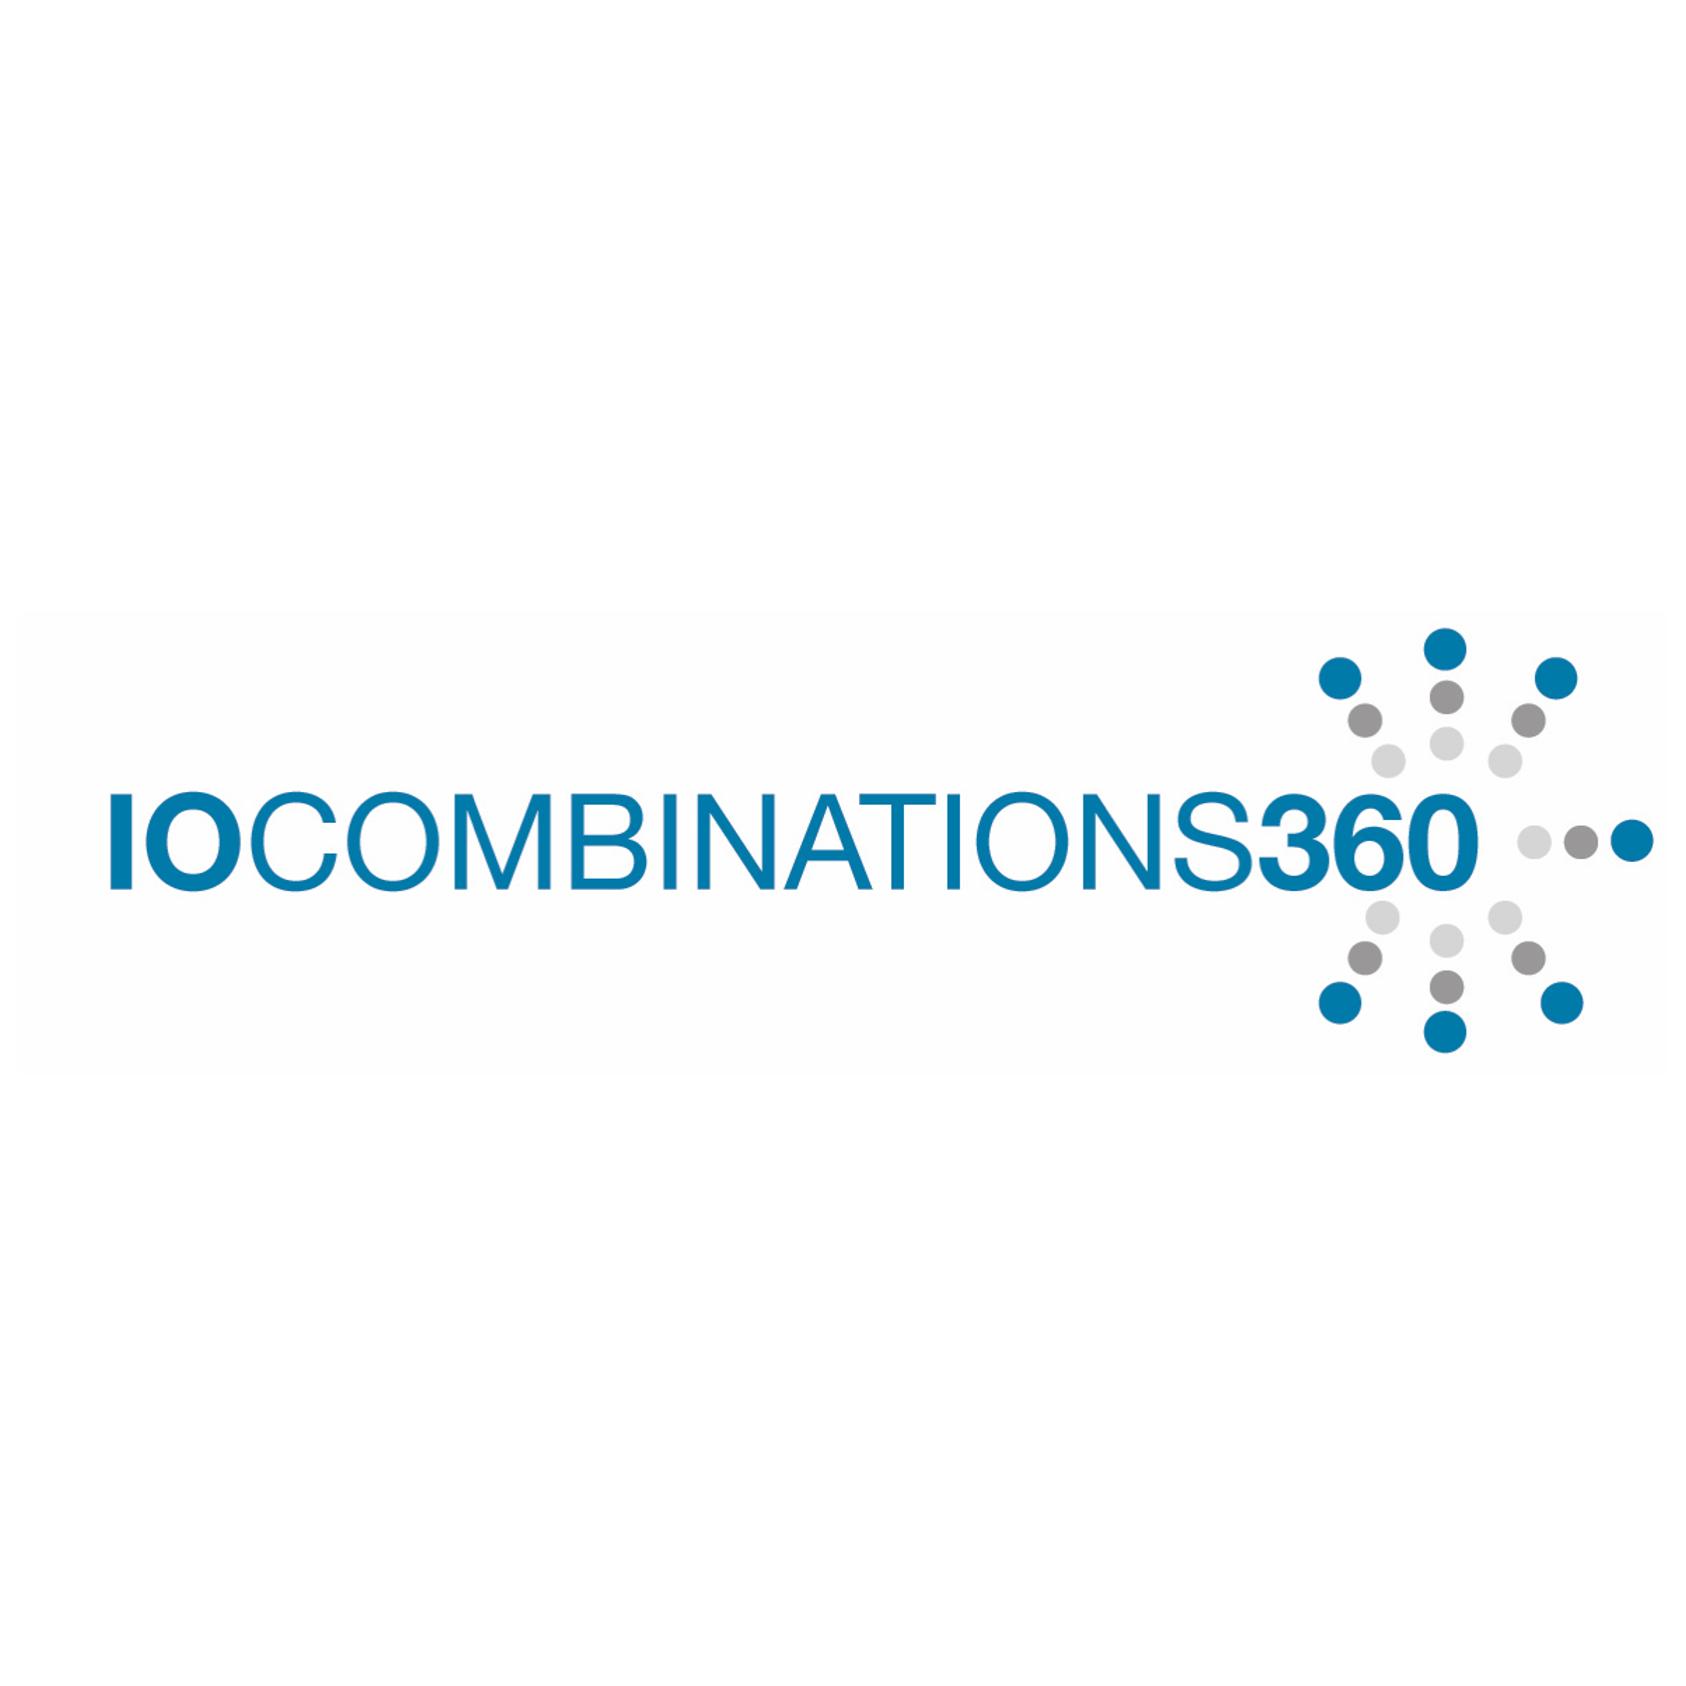 IO Combinations 360